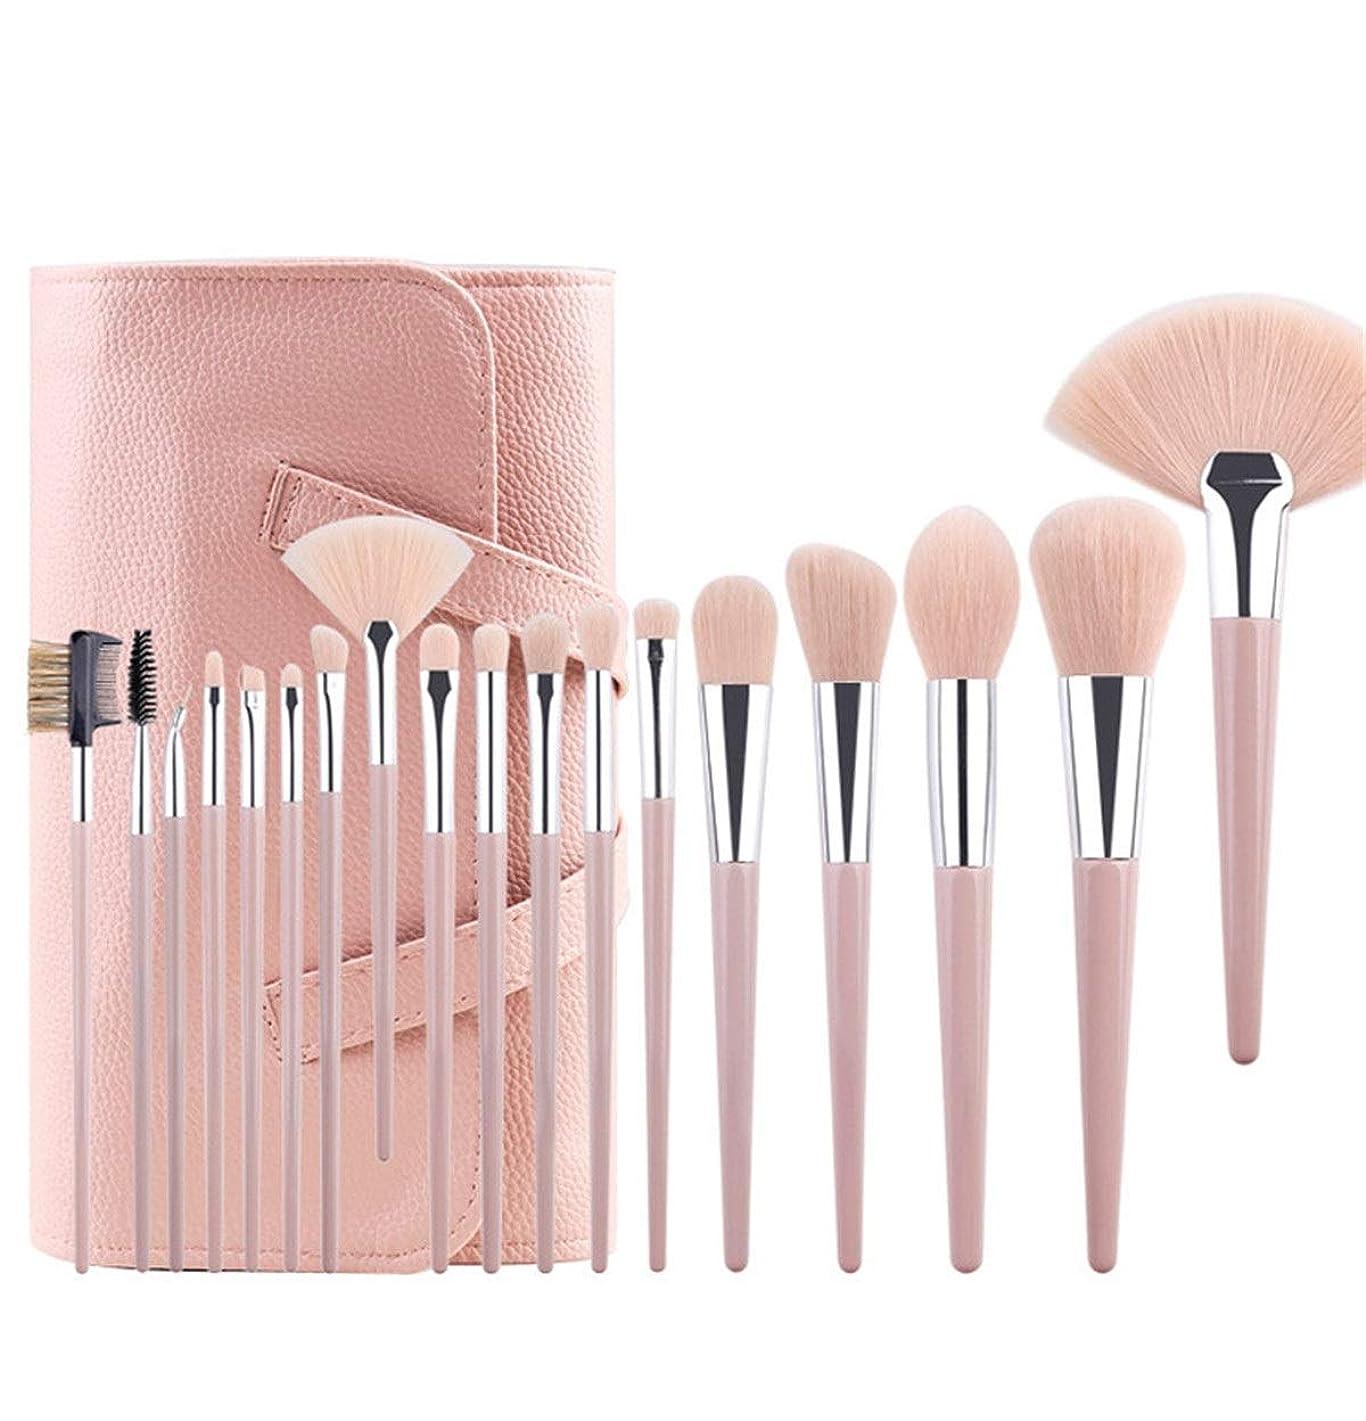 禁止する意見本Zbratta 化粧ブラシ8化粧ブラシ絶妙なピンクの化粧ブラシセット高級化粧ブラシコンシーラーブラシアイシャドウブラシ散布ブラシ耐久性のある高品質のブラシ 売り上げ後の専門家